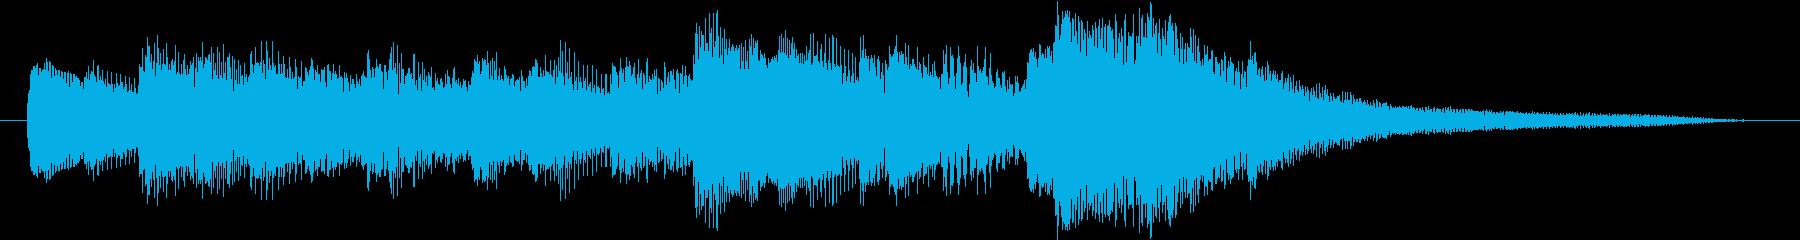 ピアノアルペジオのシンプルなジングルの再生済みの波形